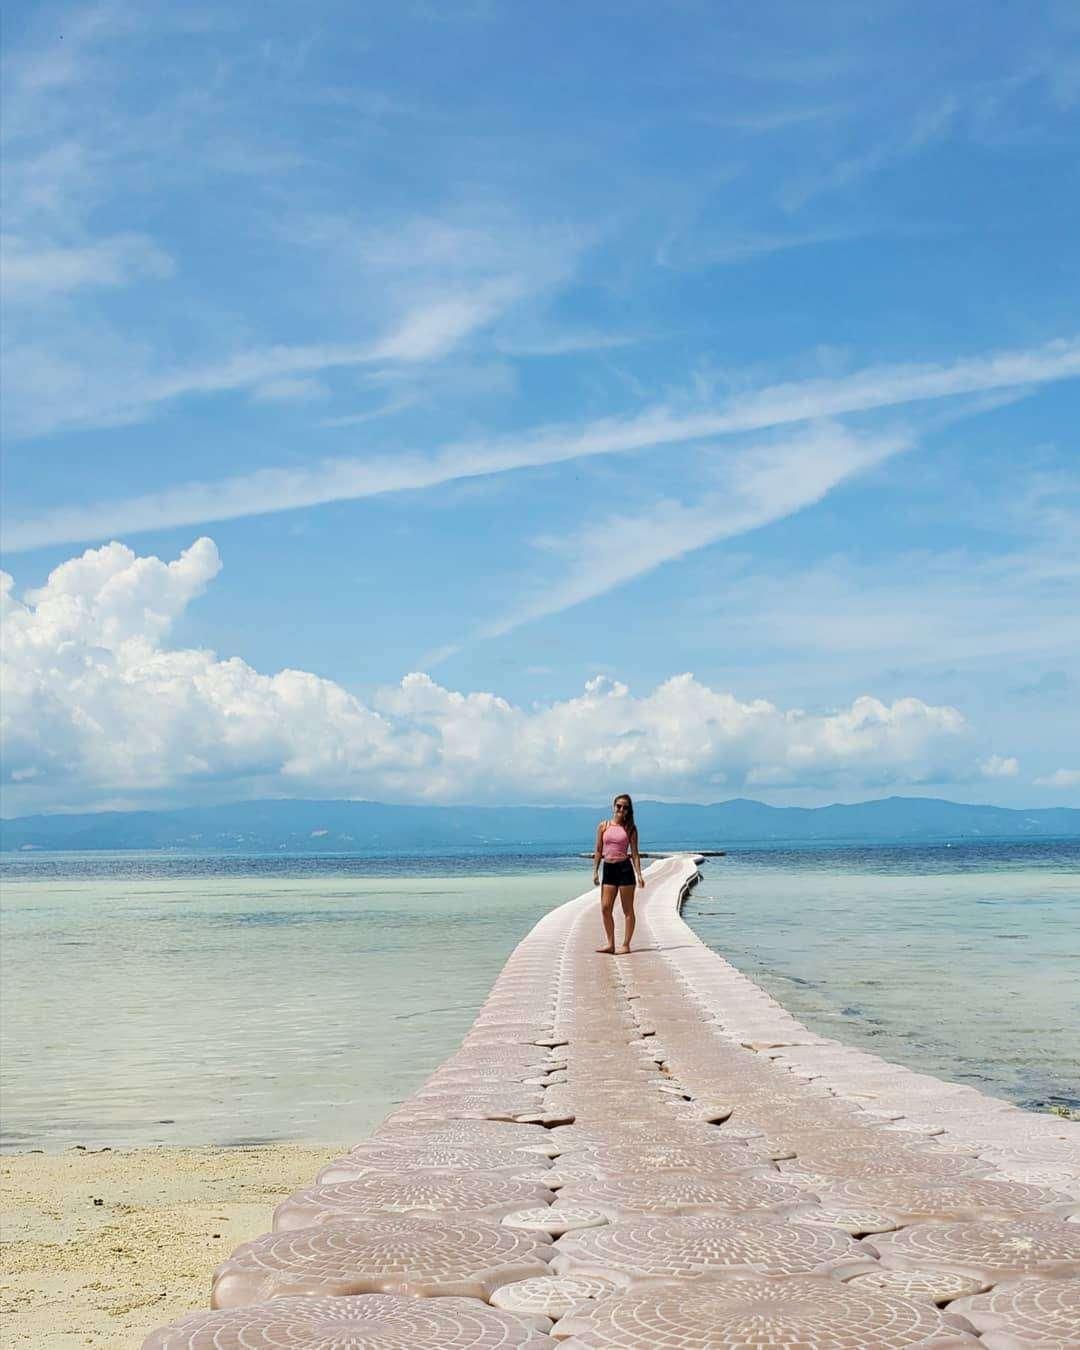 Drijvende pier op Leela Beach, Koh Phangan in Thailand